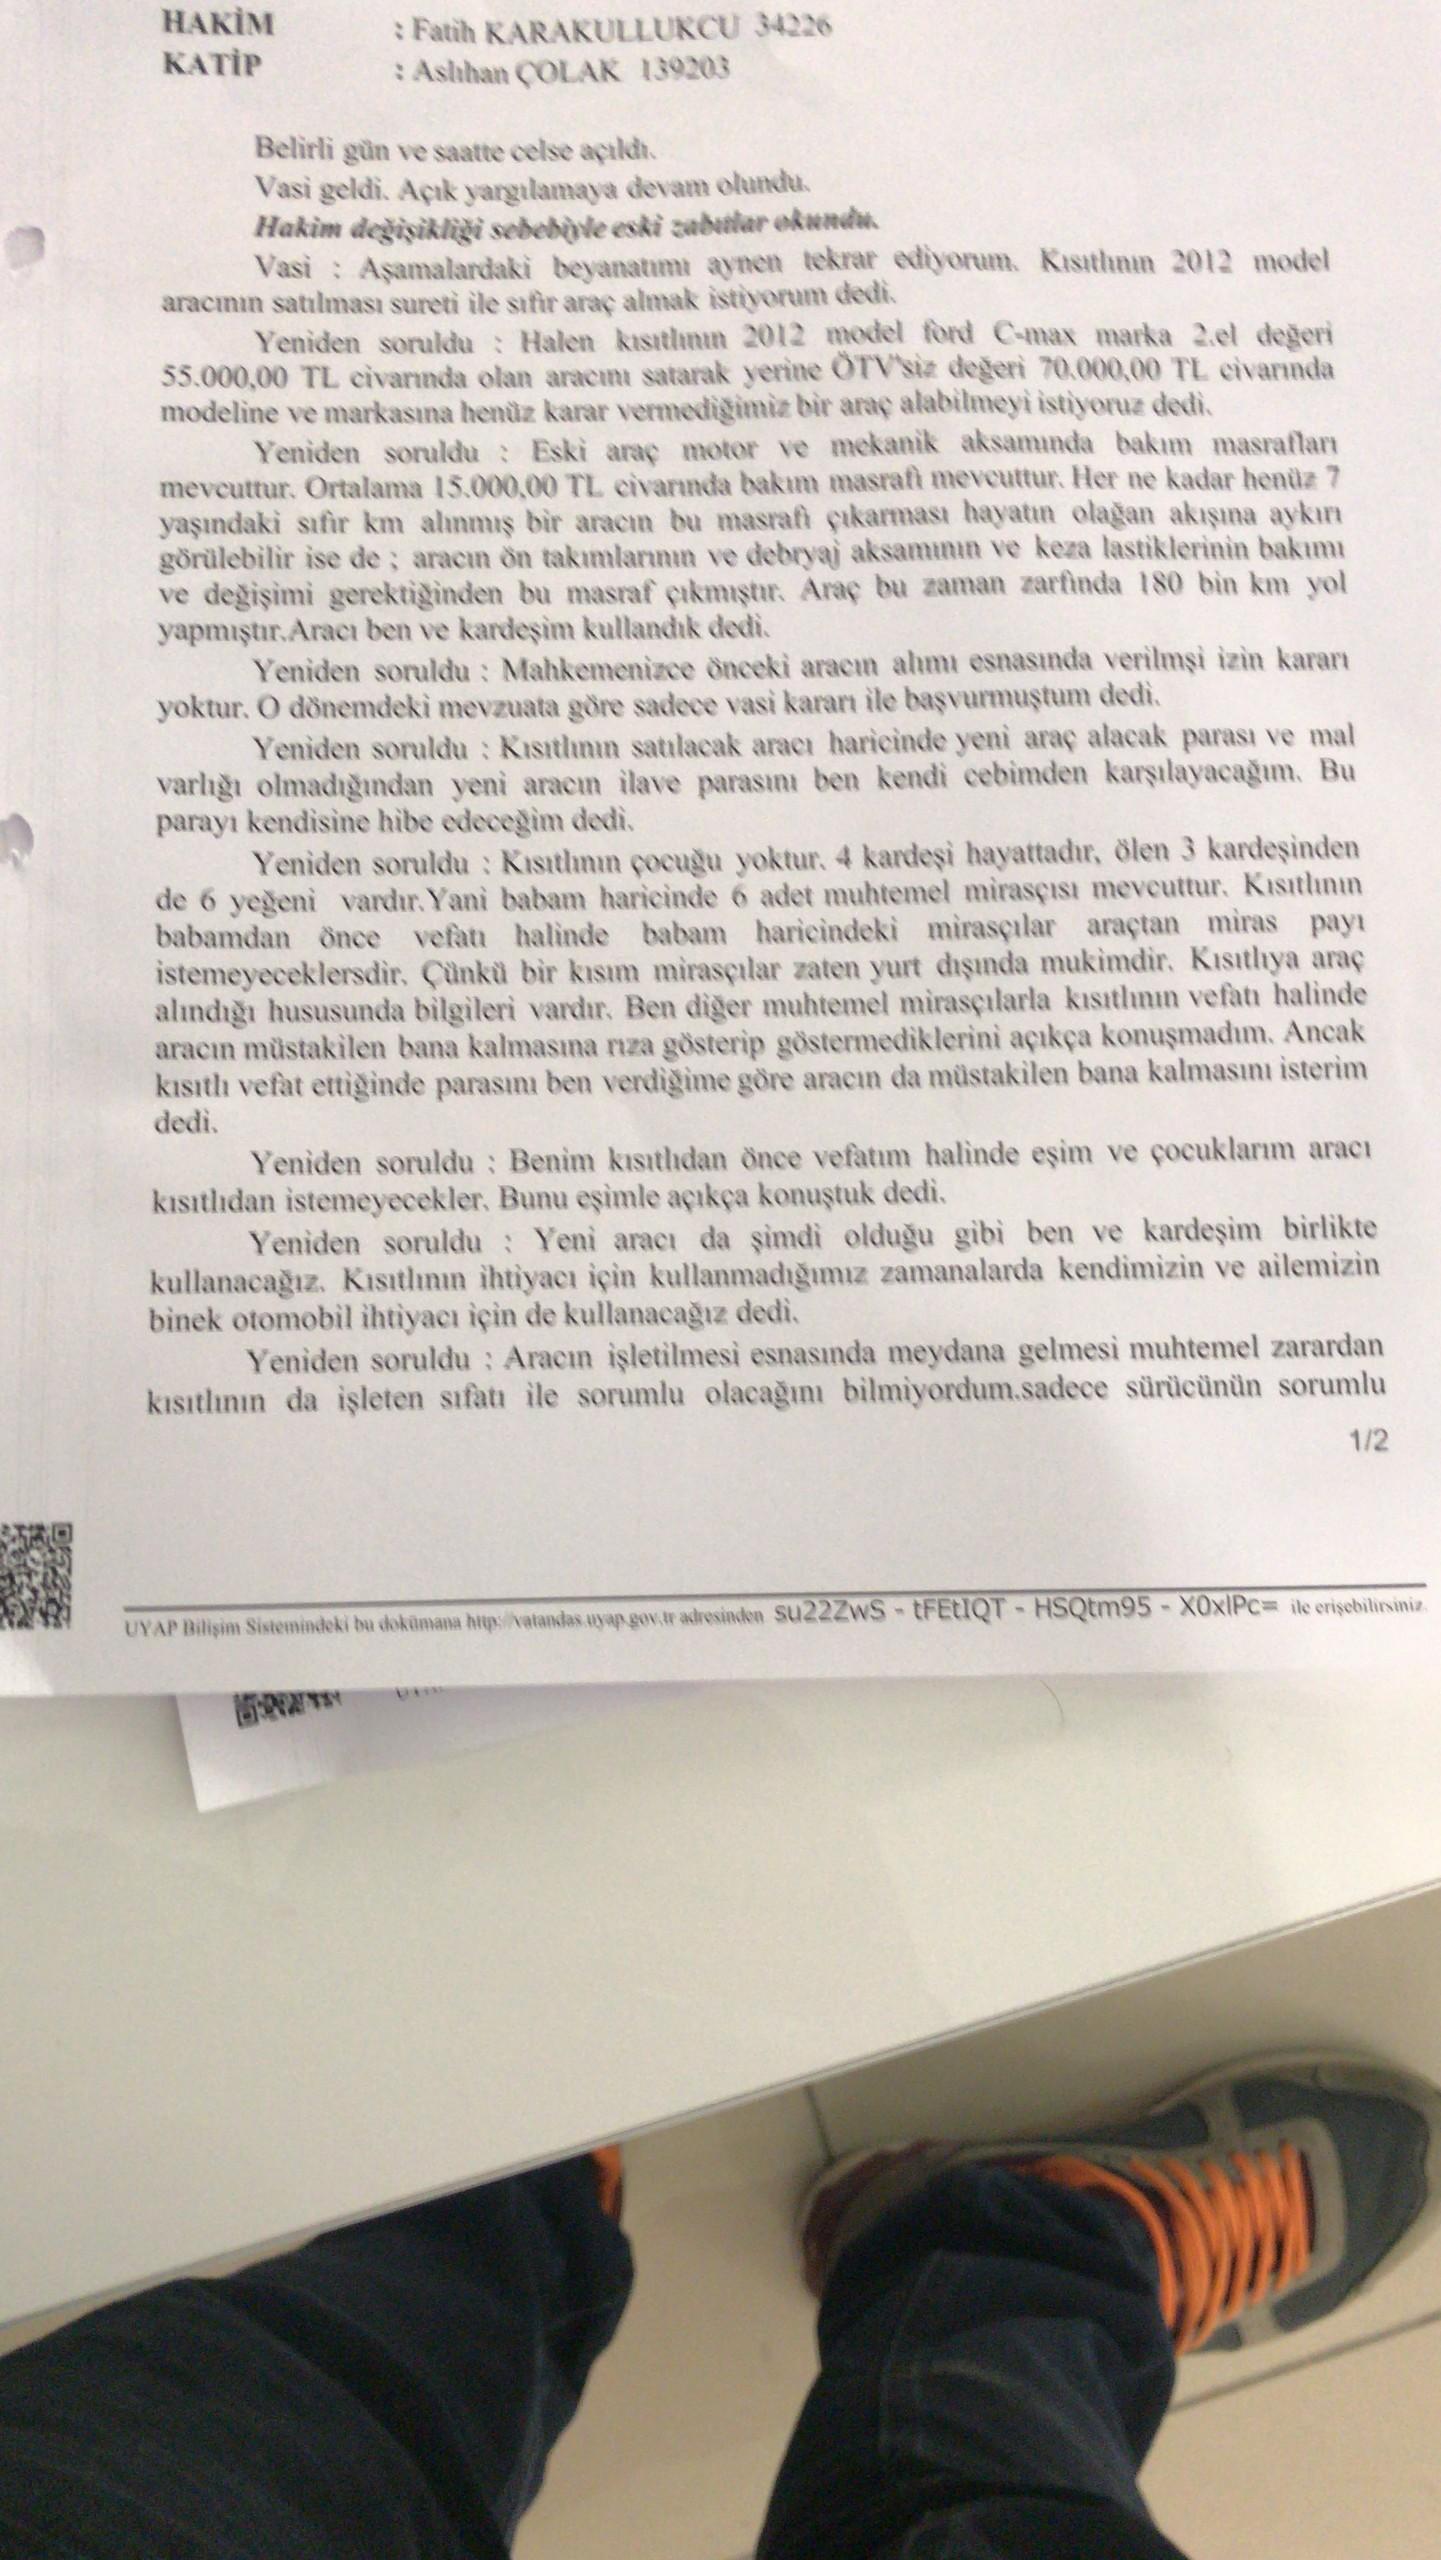 az1jlO - Vasi tayini ile araç alım süreci hakkında tüm bilgiler | Mart 2017